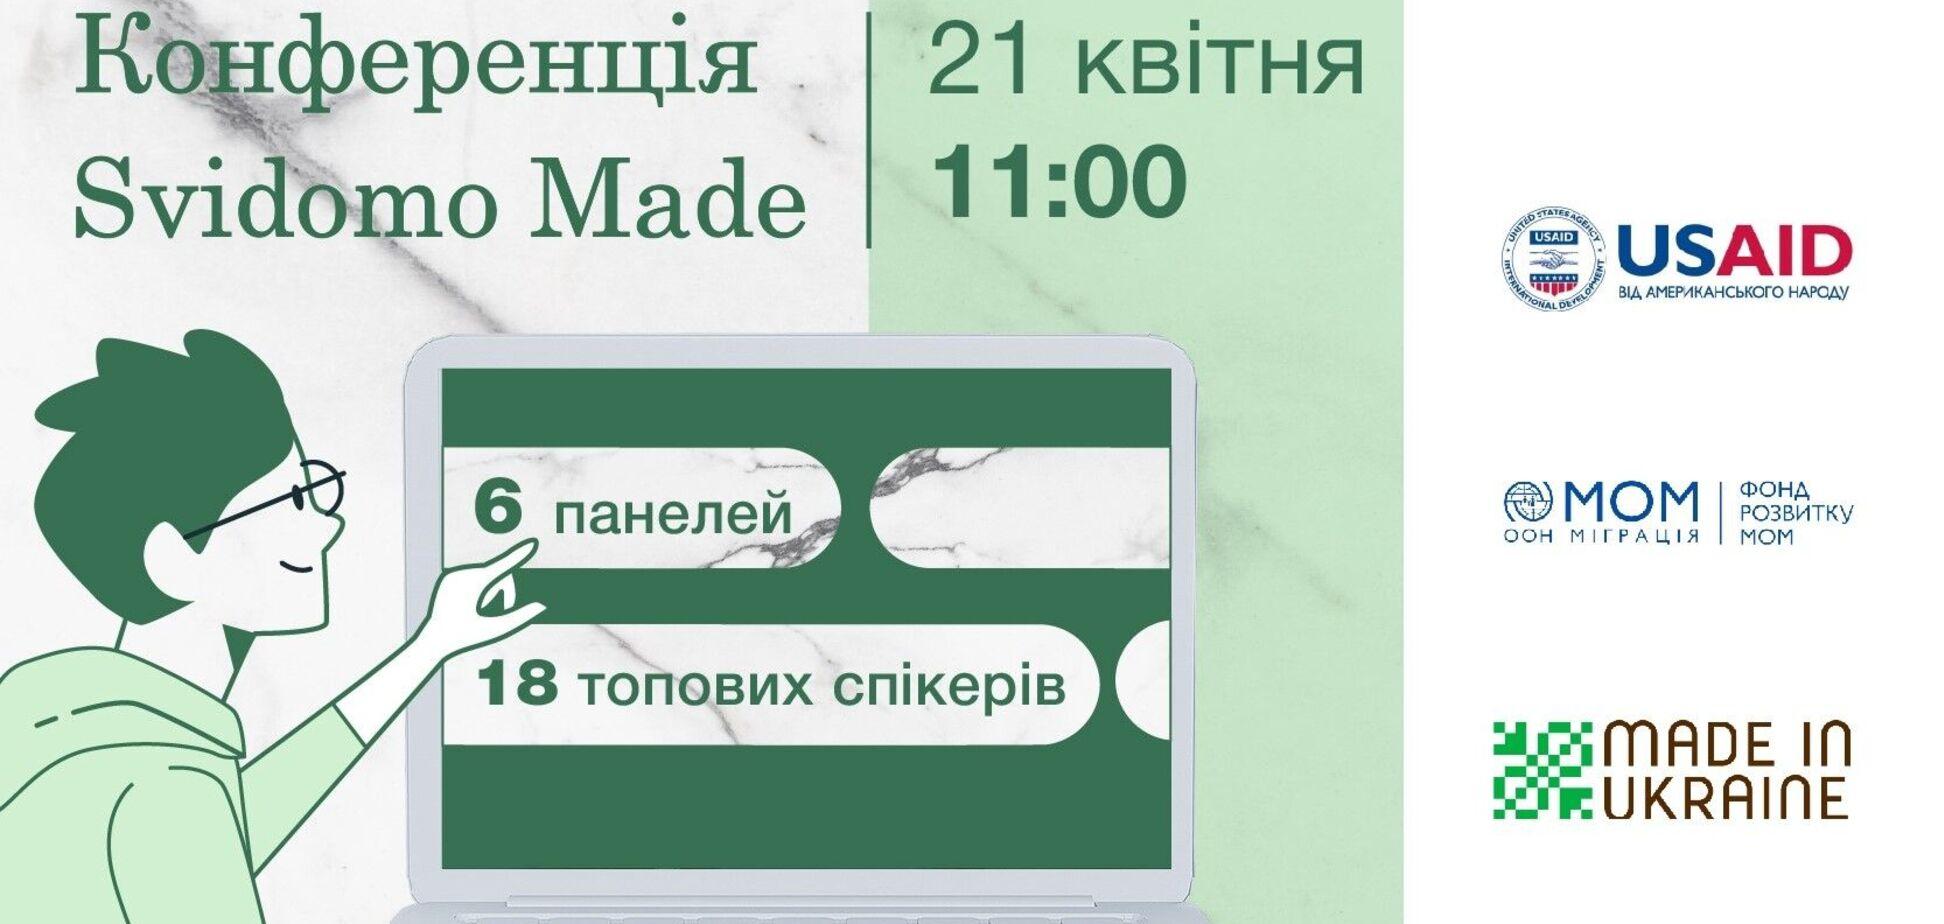 В Україні відбудеться конференція Svidomo Made